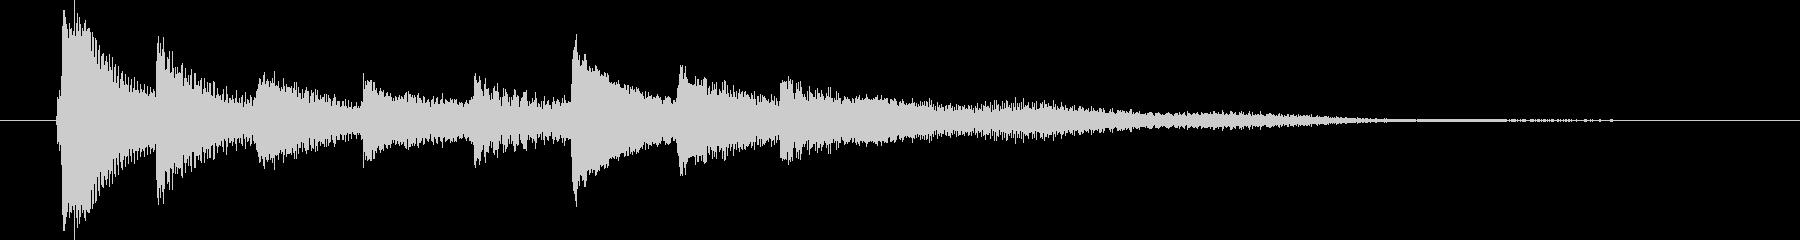 ピアノ転回音9の未再生の波形